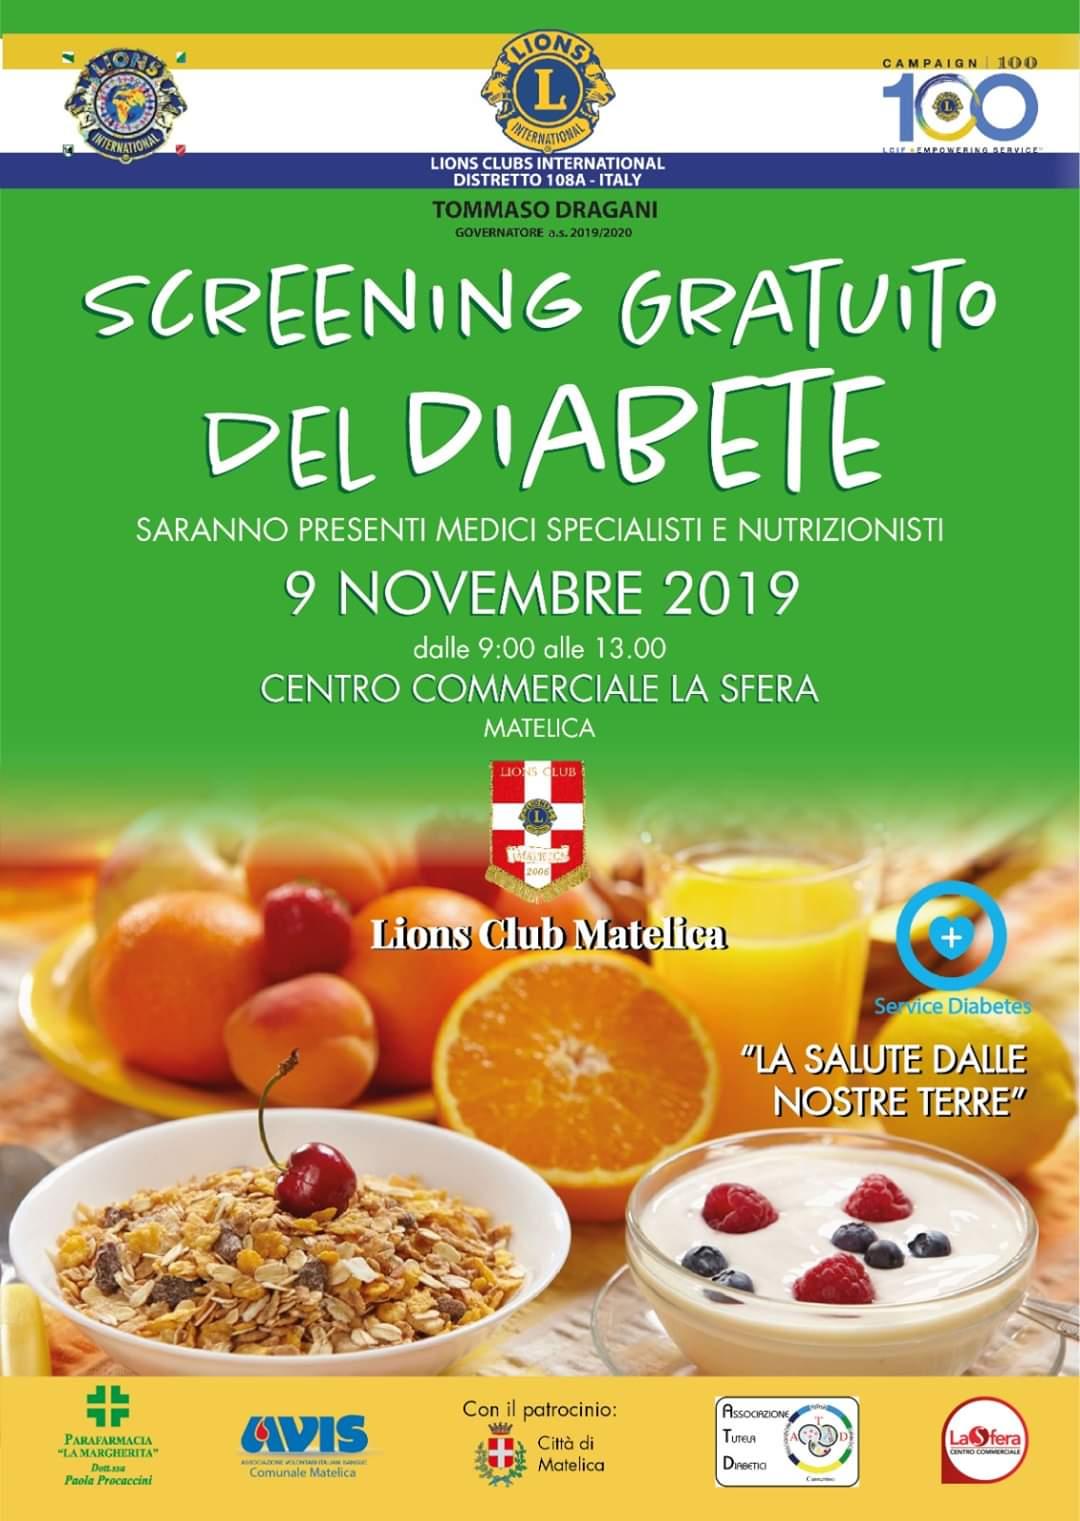 Screening gratuito del diabete – Matelica – ATD Camerino